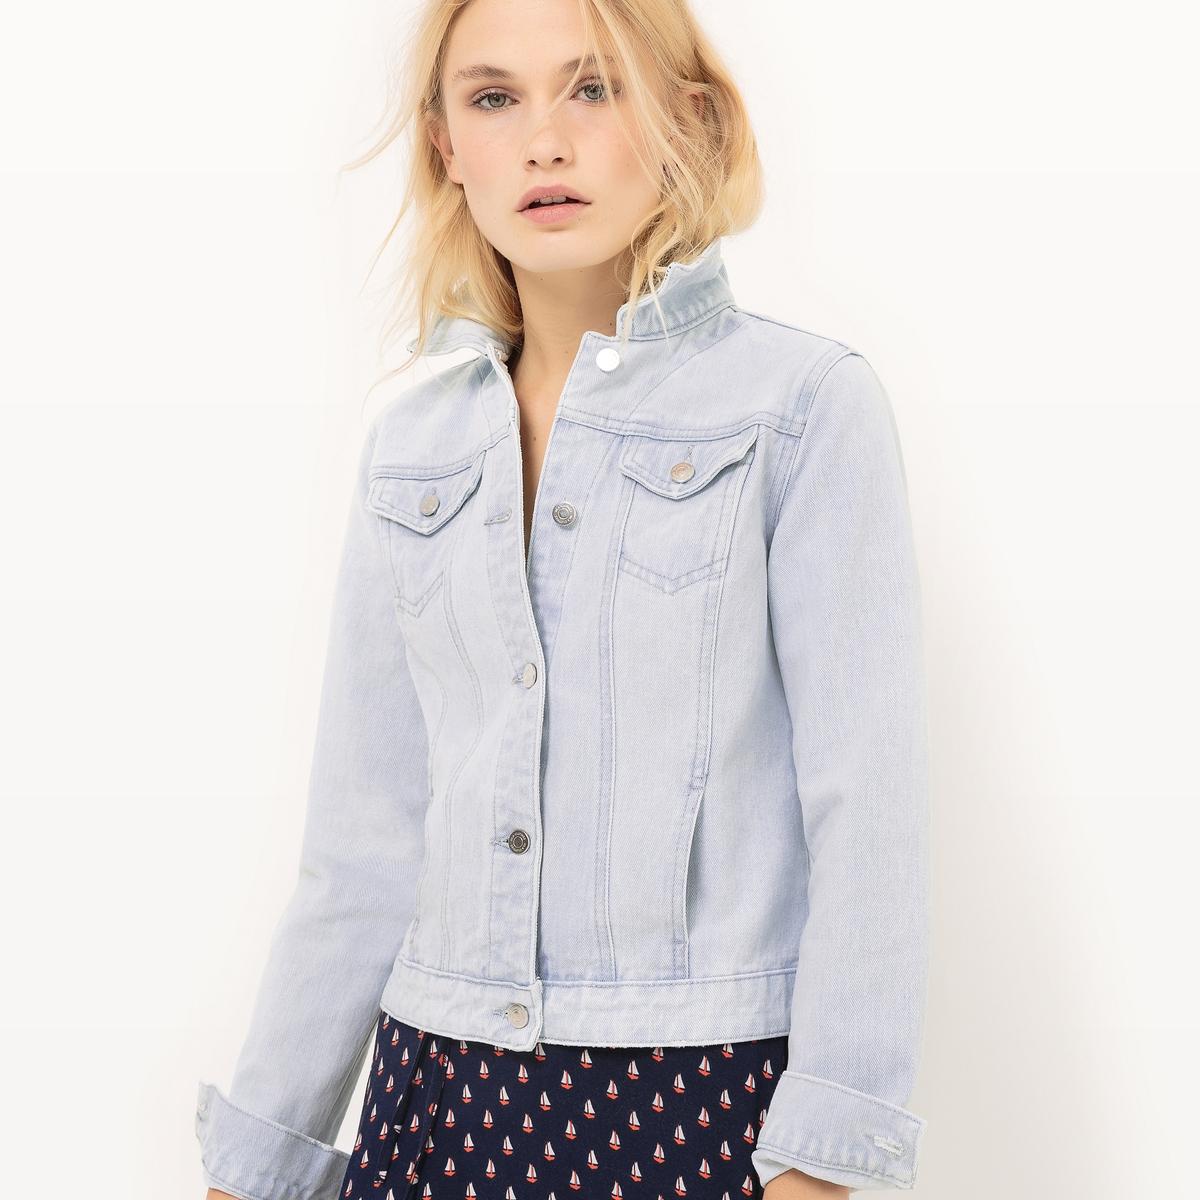 Жакет из денимаМатериал : 100% хлопок  Покрой : прямой  Форма воротника : воротник-поло, рубашечный  Тип жакета   : джинсовый  Длина жакета   : стандартная  Рисунок : однотонная модель<br><br>Цвет: голубой<br>Размер: L.S